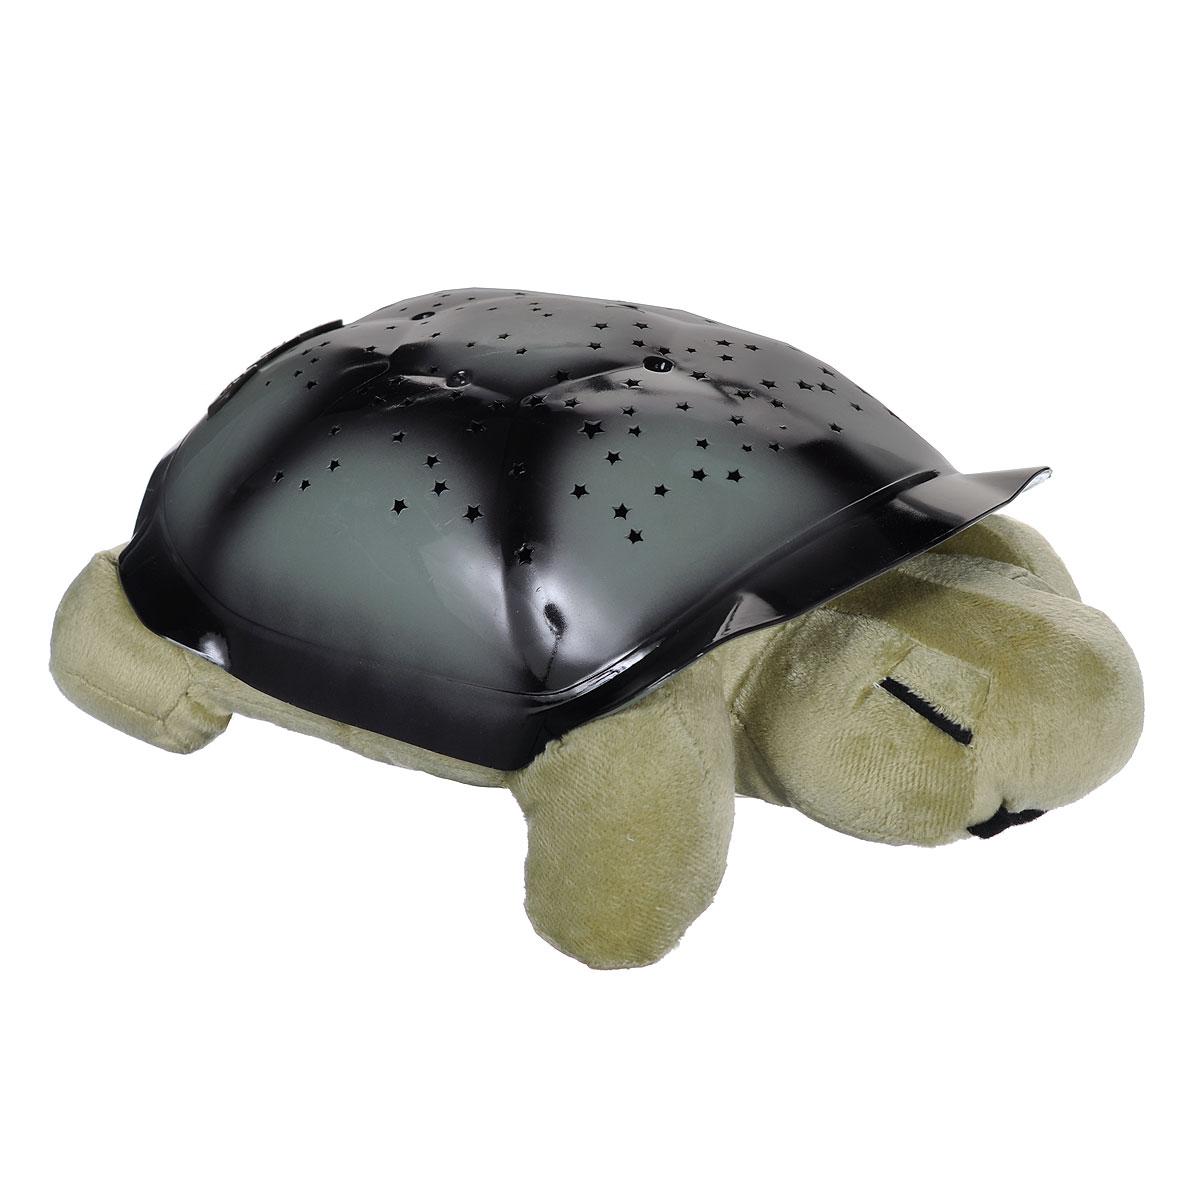 Ночник-проектор Bradex Звездная черепашка, цвет: оливковый, темно-серыйDE 0040Ночник-проектор Bradex Звездная черепашка создаст волшебную атмосферу для сна ребенка. Это удивительный светильник, выполненный в форме мягкой игрушки-черепашки. Дизайн игрушки наверняка сразу понравится вашему малышу и завоюет его безграничную любовь. Благодаря своему волшебному панцирю черепашка имеет возможность проецировать на потолок и стену карту звездного неба (8 созвездий). Ночник может работать в трех цветовых режимах, с подсветкой синего, зеленого и янтарного цветов. Для переключения режима подсветки на панцире черепахи расположены специальные кнопки. Ночник автоматически отключается через 50 минут работы. В комплект входит инструкция по эксплуатации на русском языке, на обратной стороне которой вы найдете описание созвездий, что позволит вам и вашему ребенку вместе изучать звездное небо, развивая кругозор вашего малыша. Необходимо докупить 3 батарейки напряжением 1,5V типа ААА (не входят в комплект).